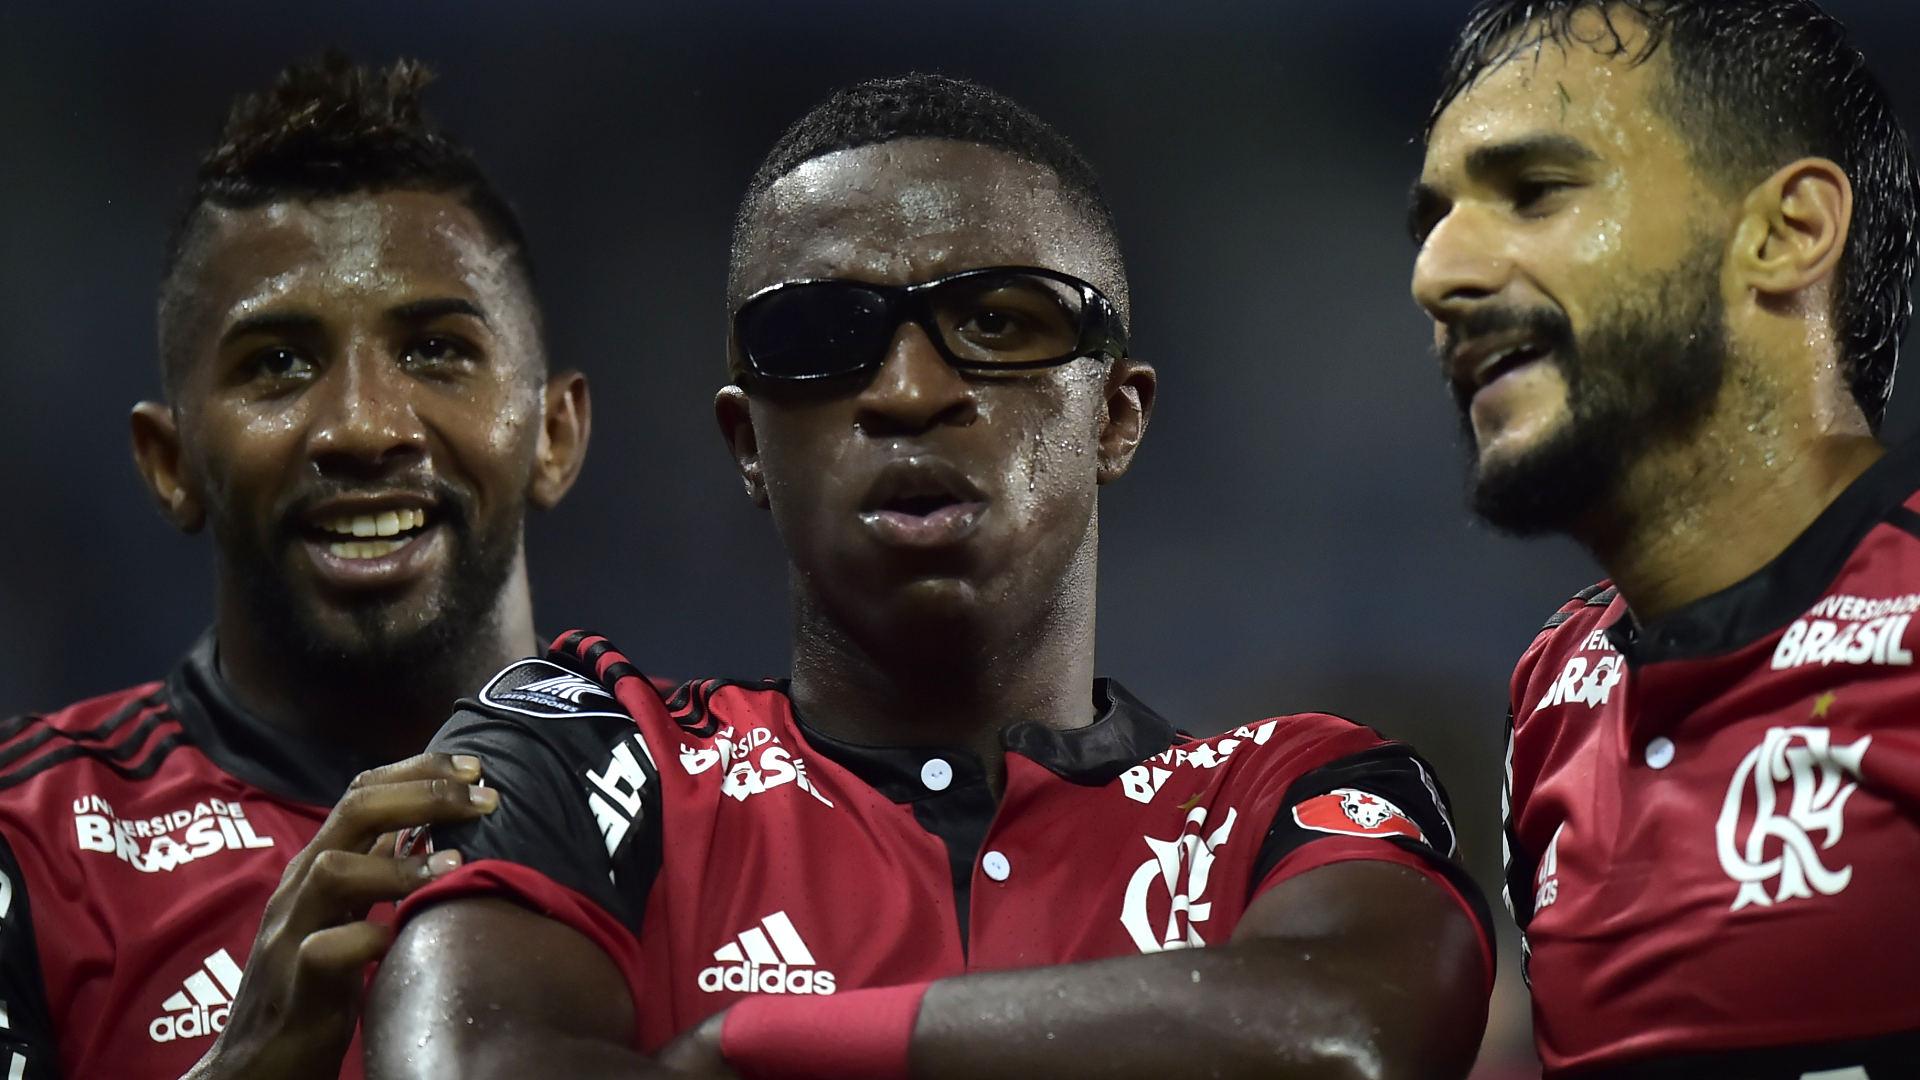 Saiba qual canal transmite o jogo ao vivo — Emelec x Flamengo